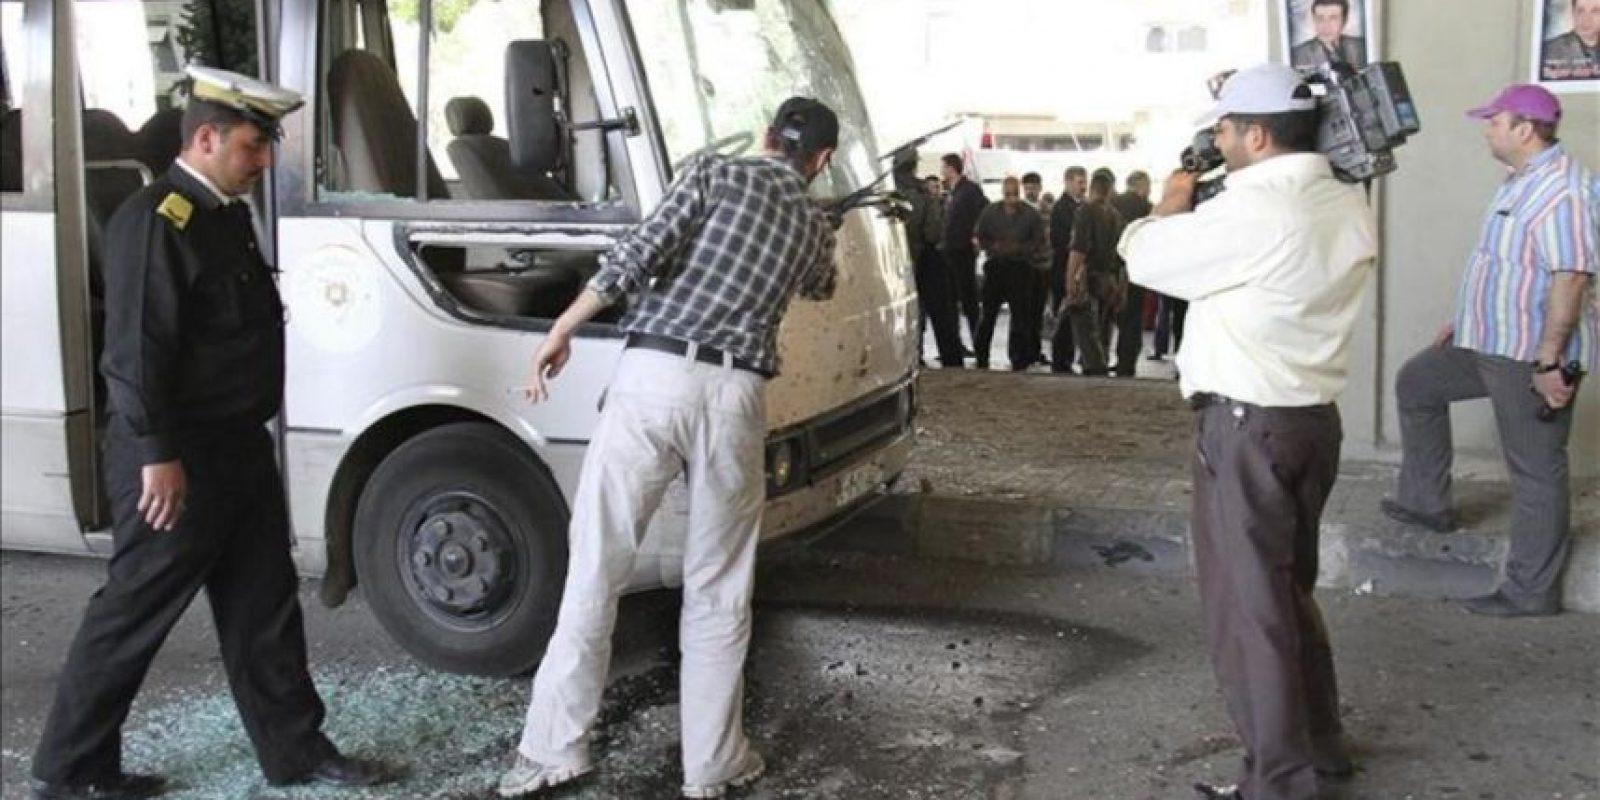 Fotografía facilitada por la agencia de noticias oficial siria, Sana, que muestra a oficiales de la policía inspeccionando un autobús dañado en la escena de una explosión en Damasco (Siria) hoy, viernes, 27 de abril. EFE